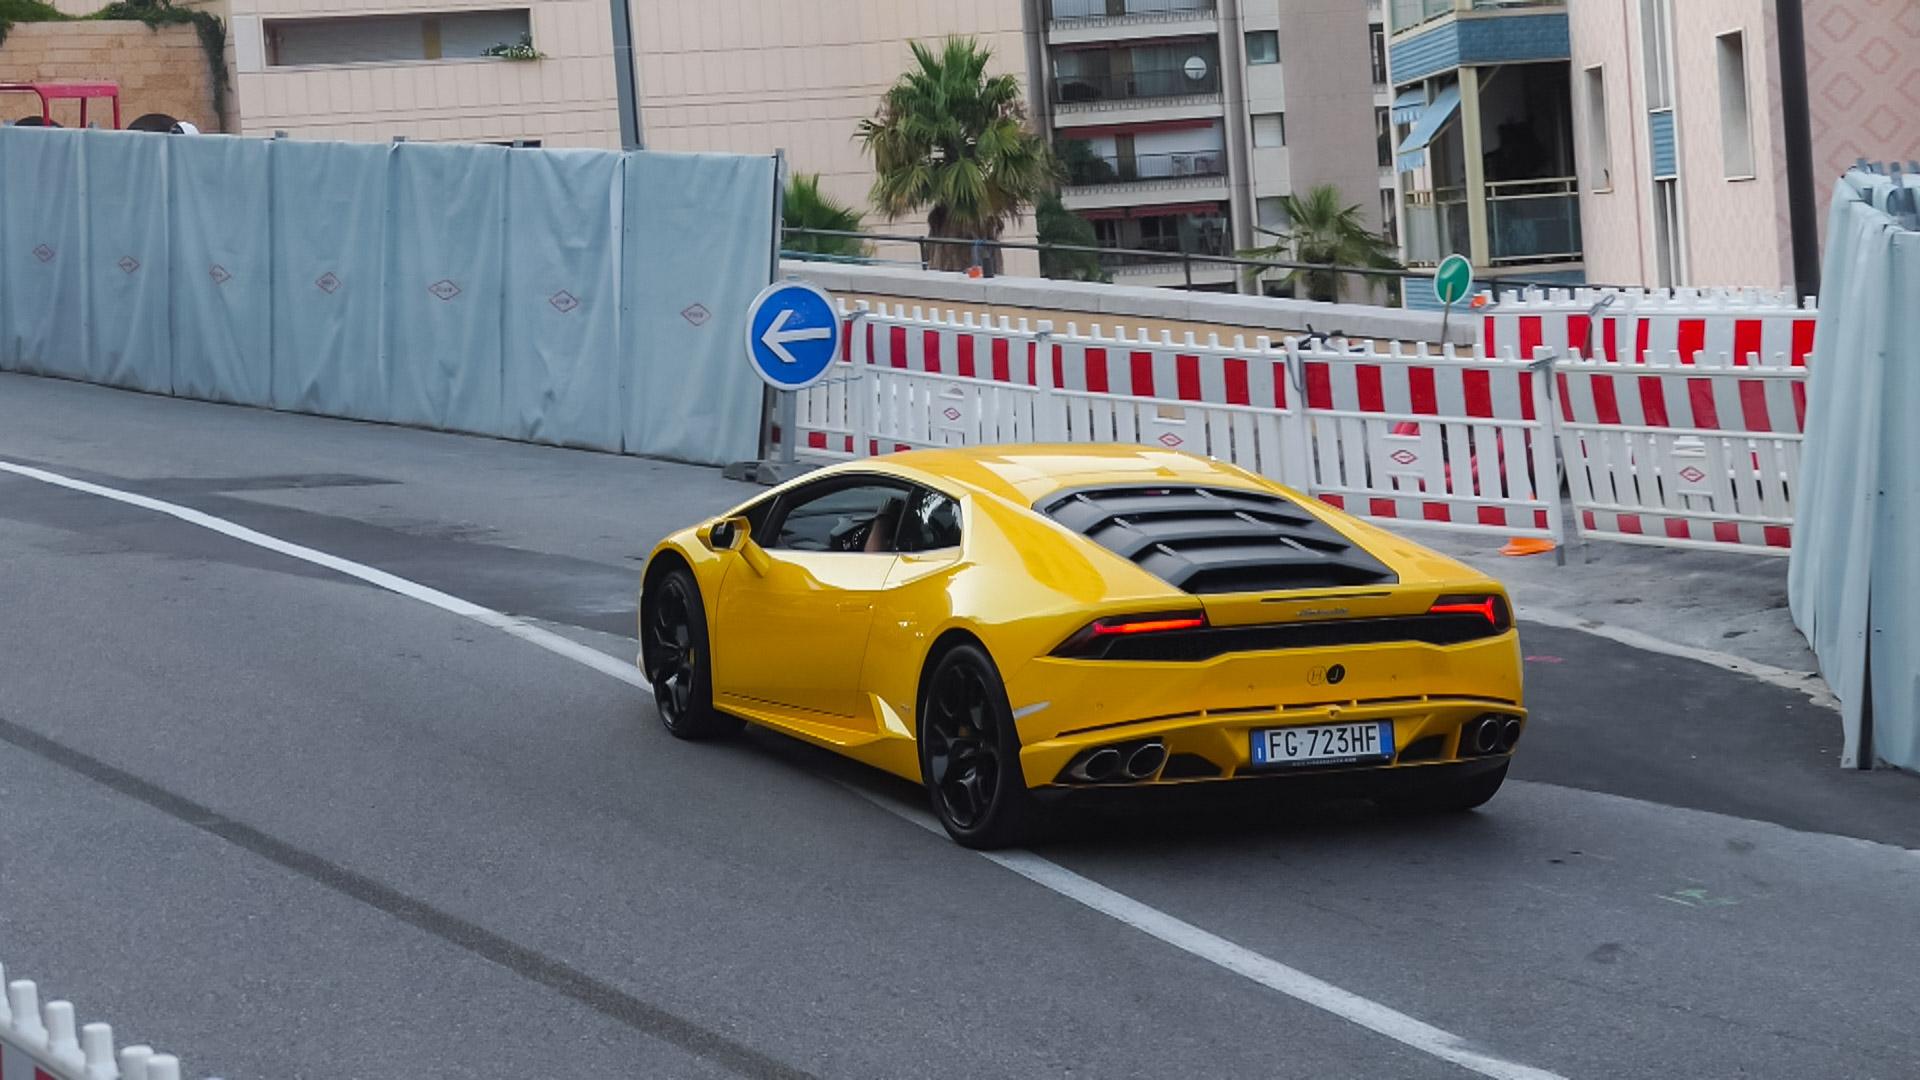 Lamborghini Huracan - FG-723-HF (ITA)